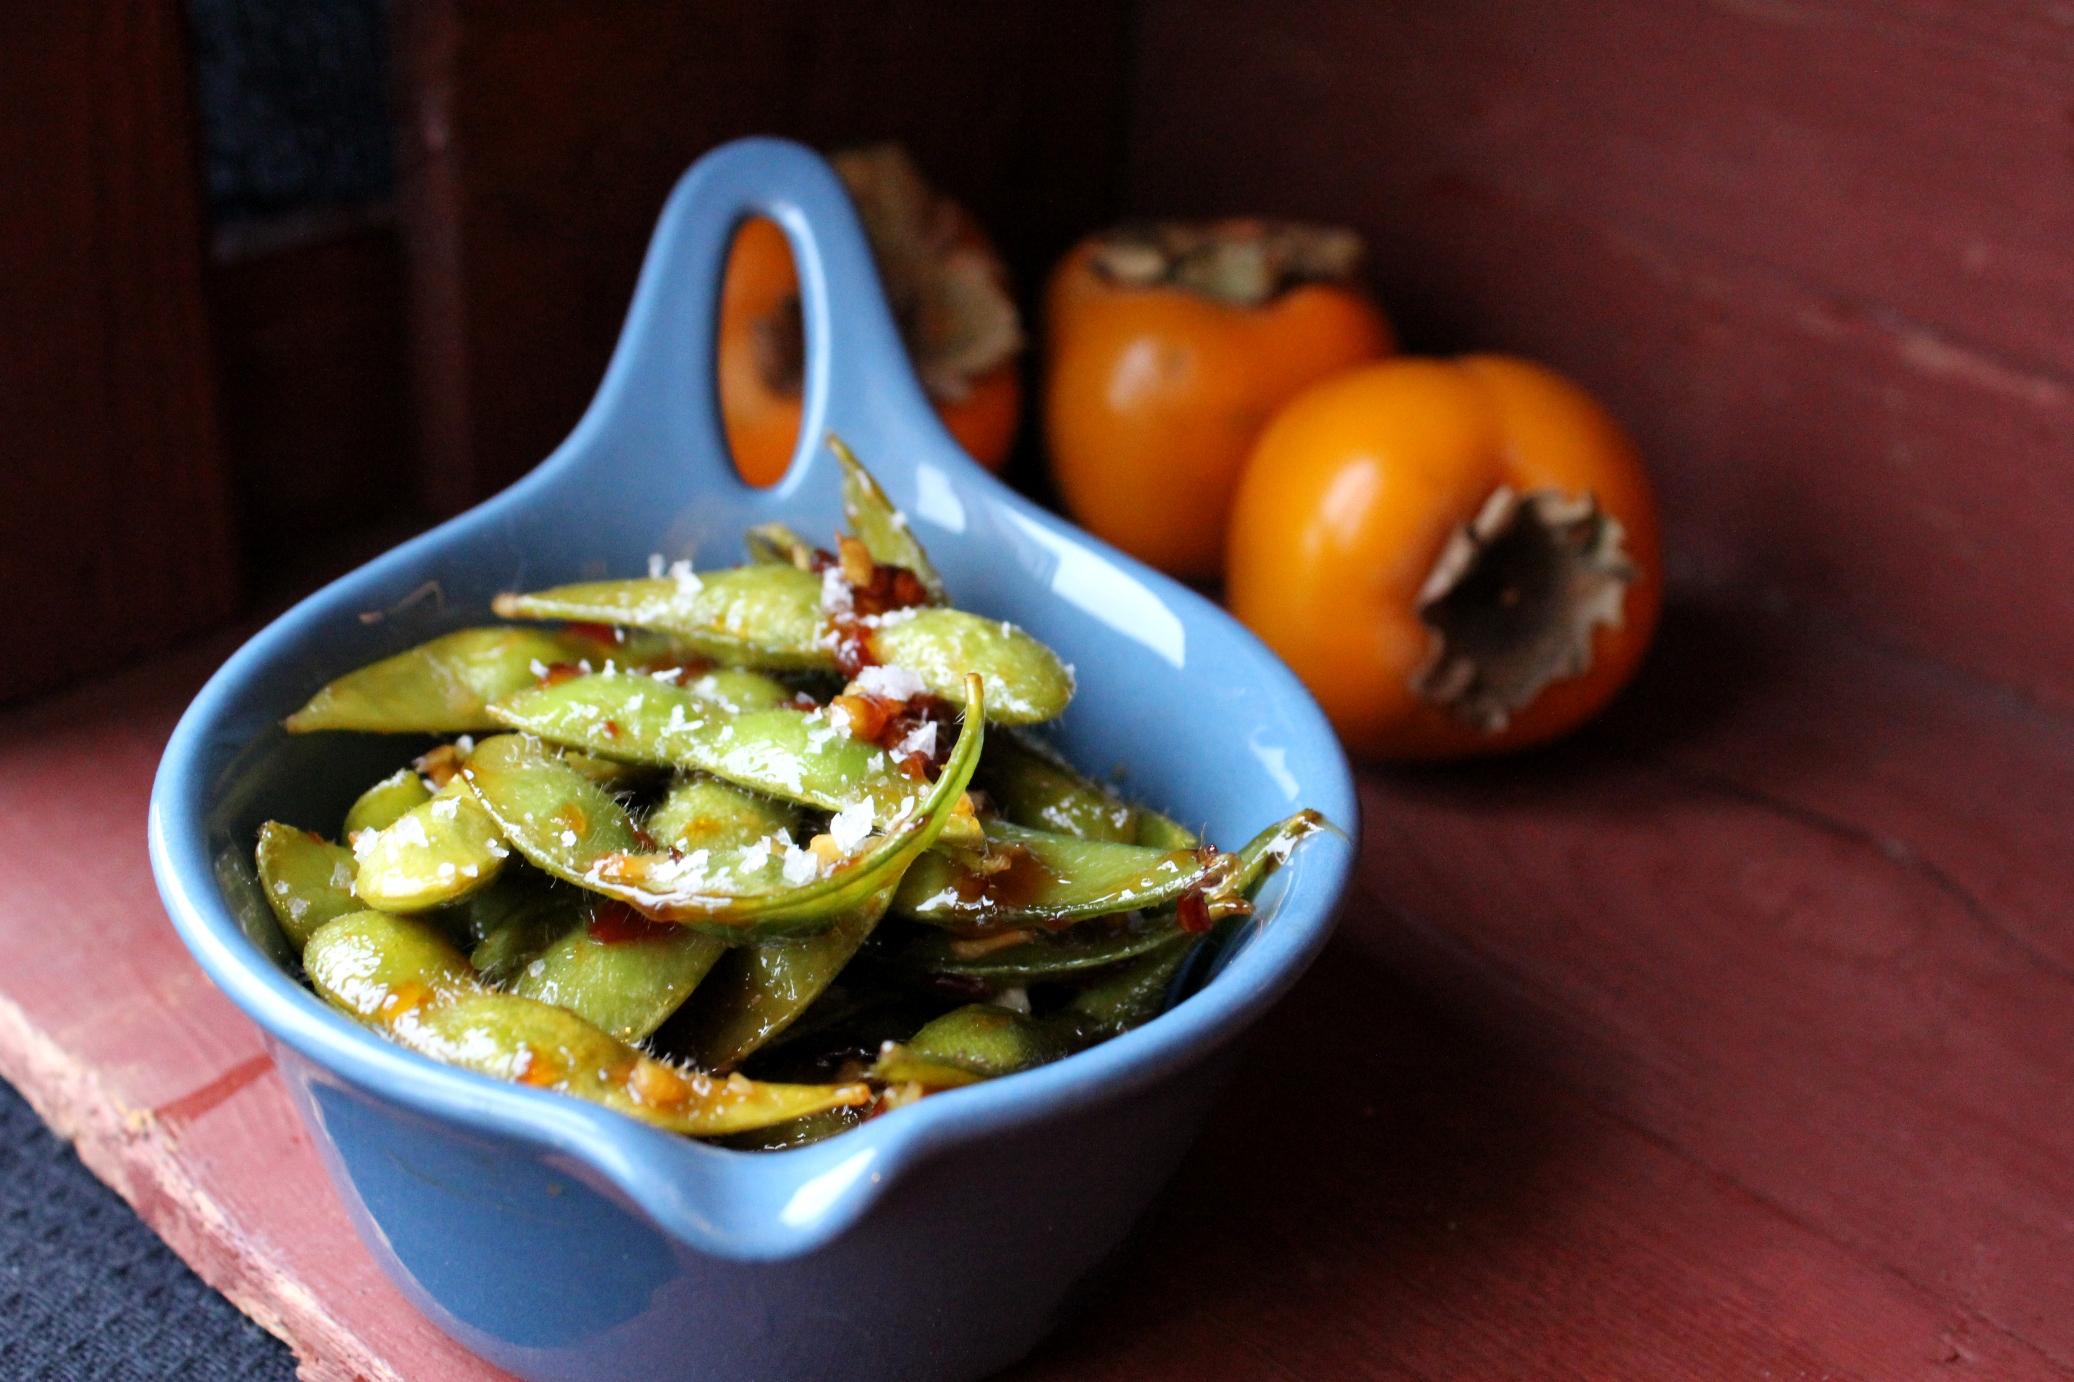 Edamamebønner med chili, ingefær og hvidløg